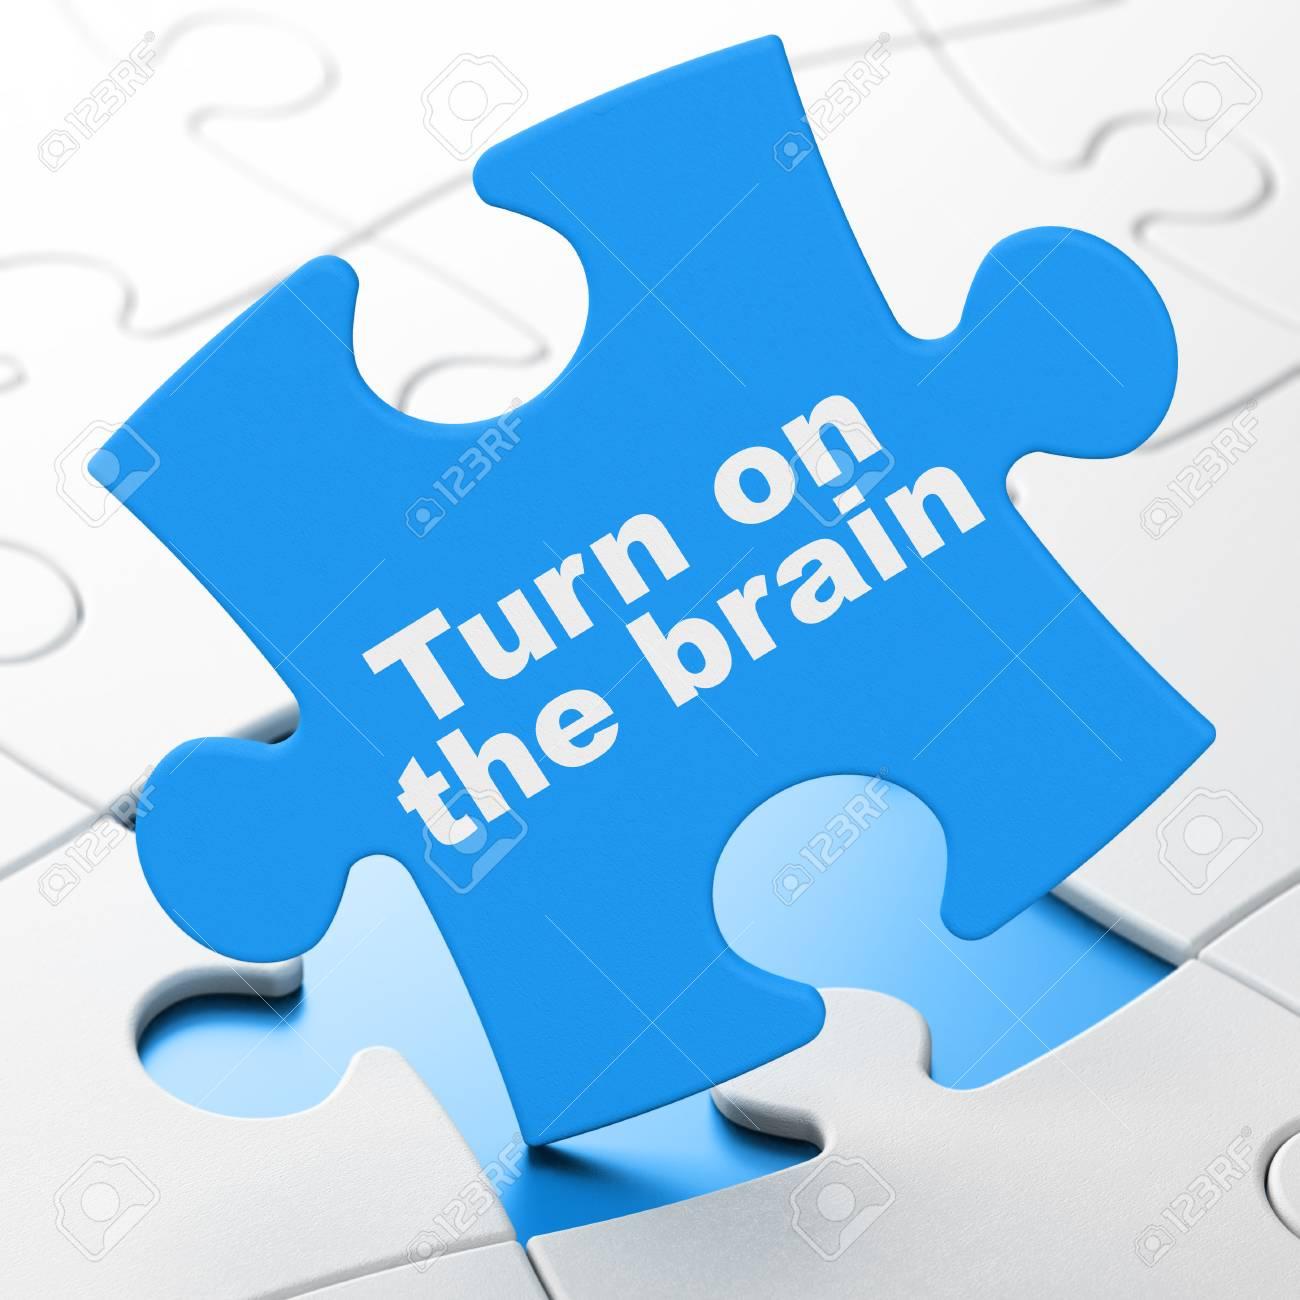 Immagini Stock Concetto Di Studio Accendere Il Cervello Su Sfondo